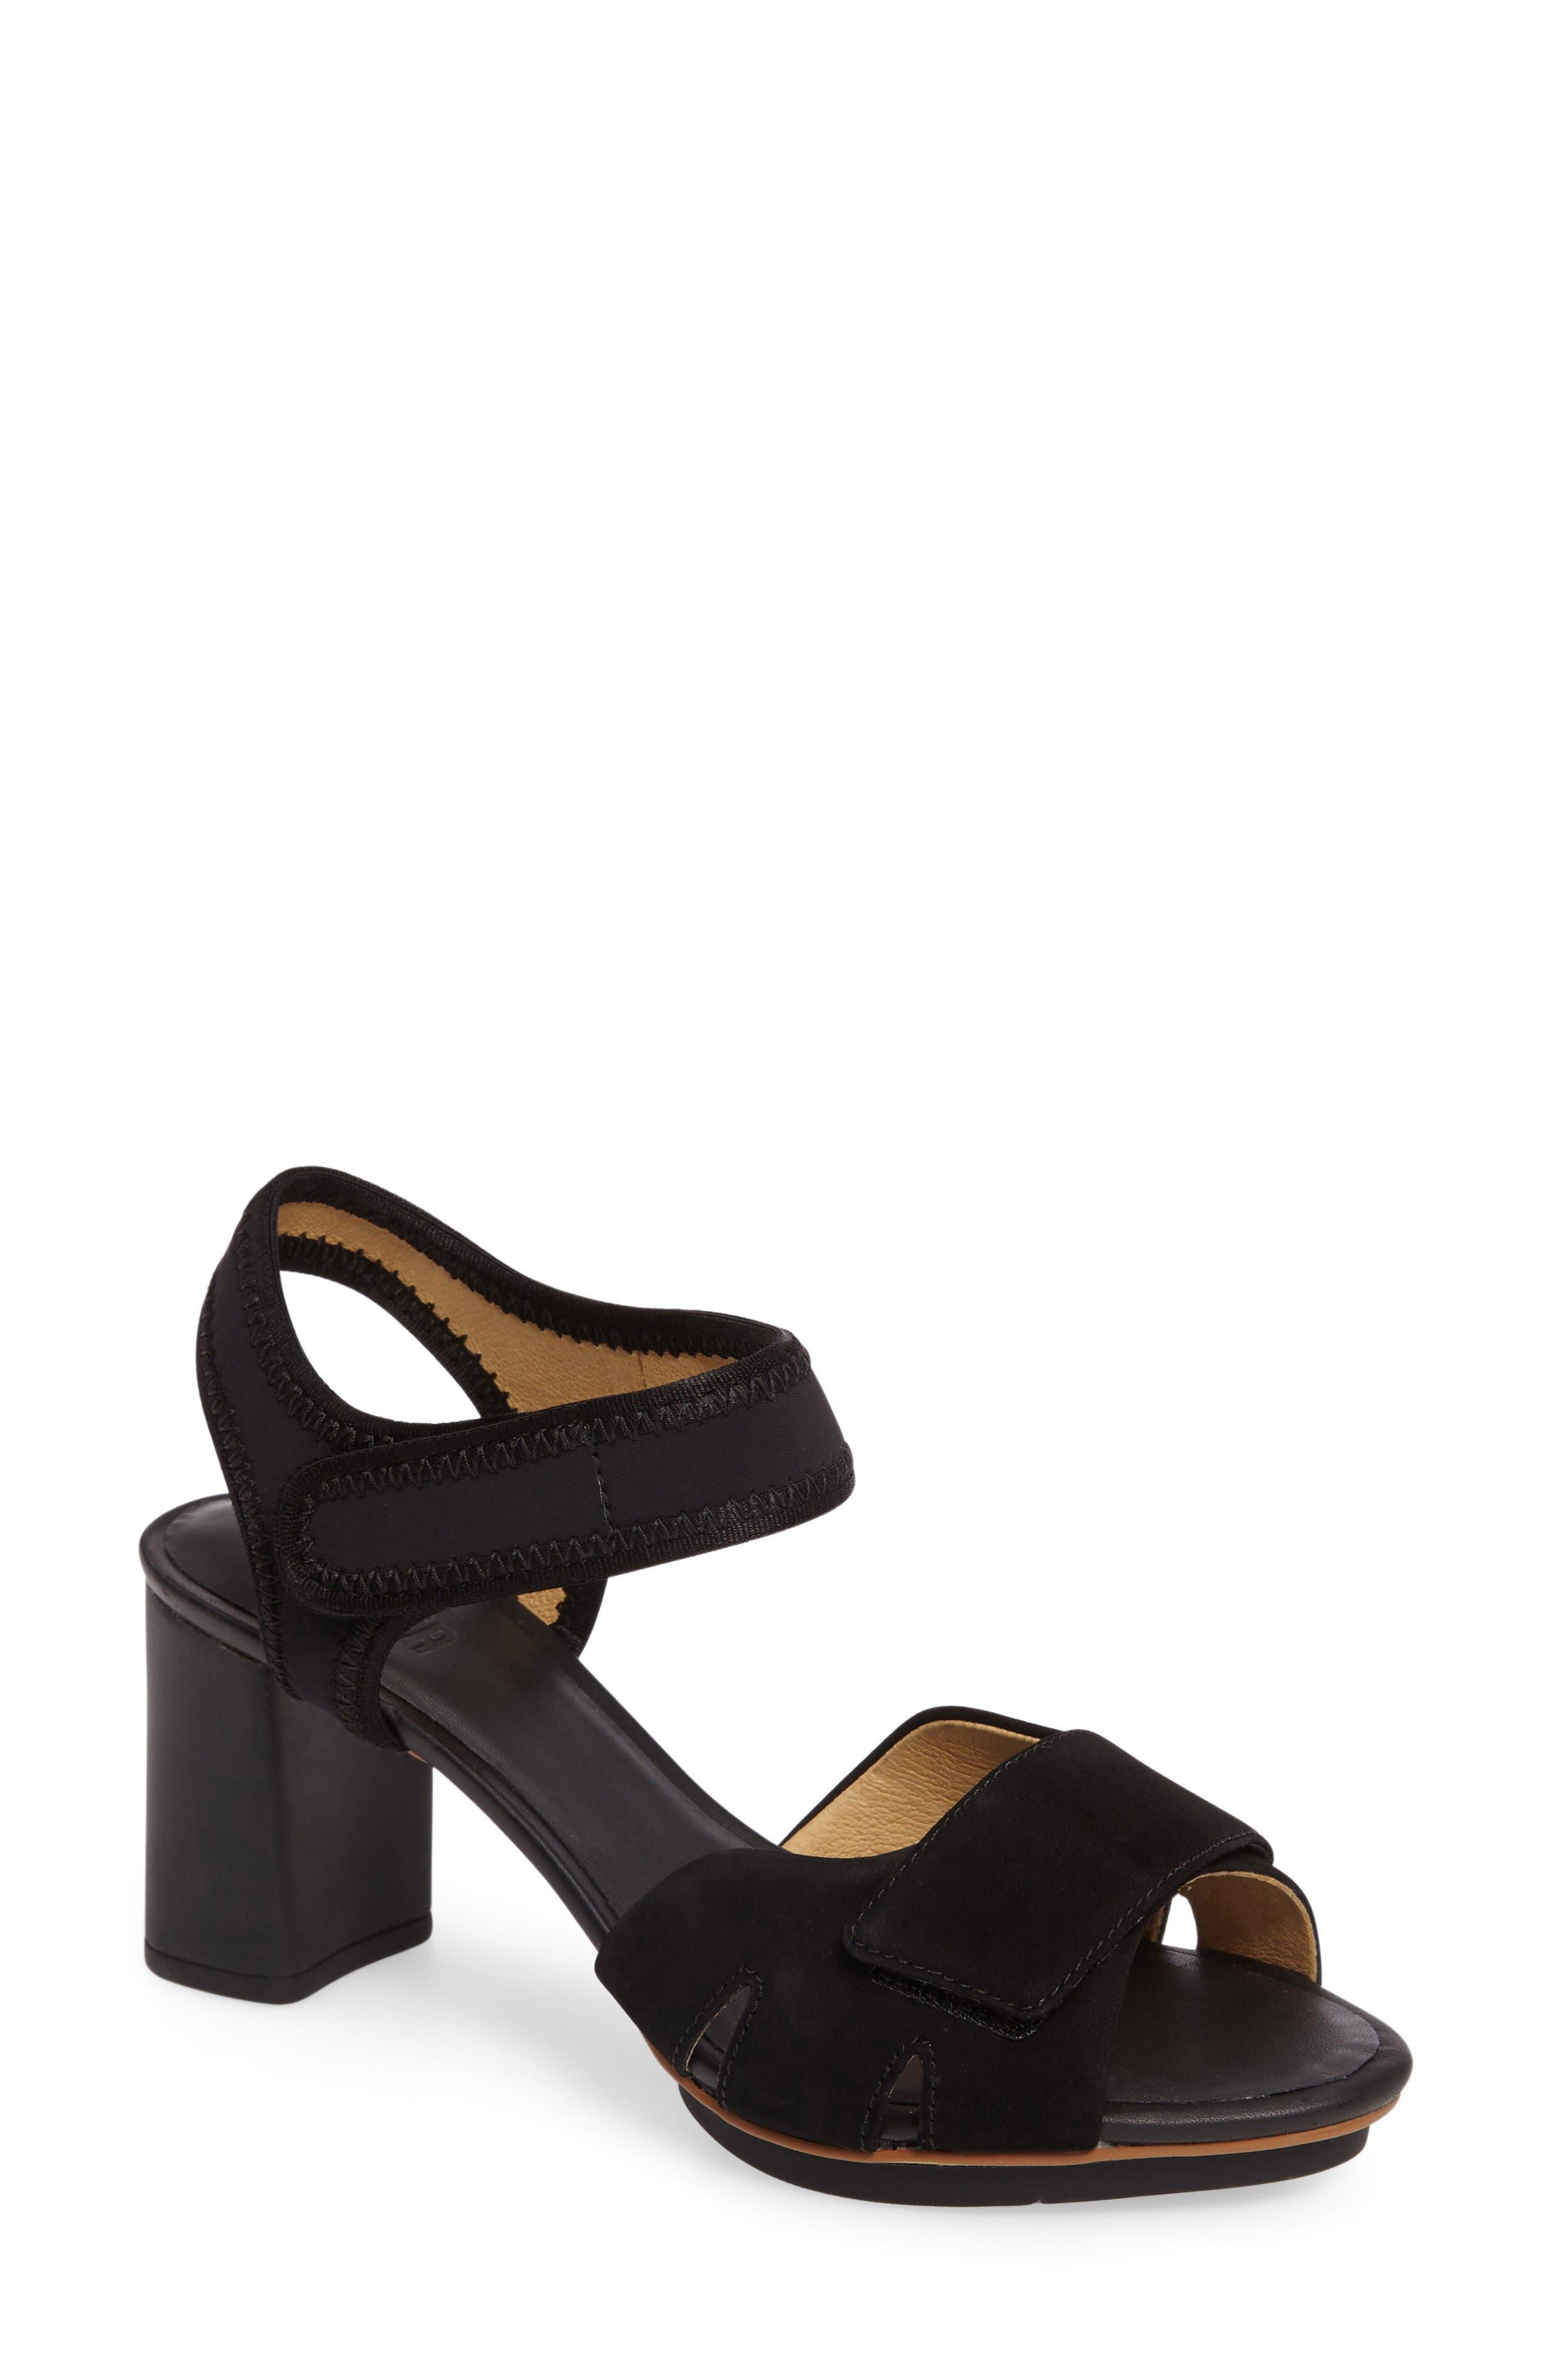 'Myriam' Ankle Strap Platform Sandal,                         Main,                         color, Black/ Black Leather